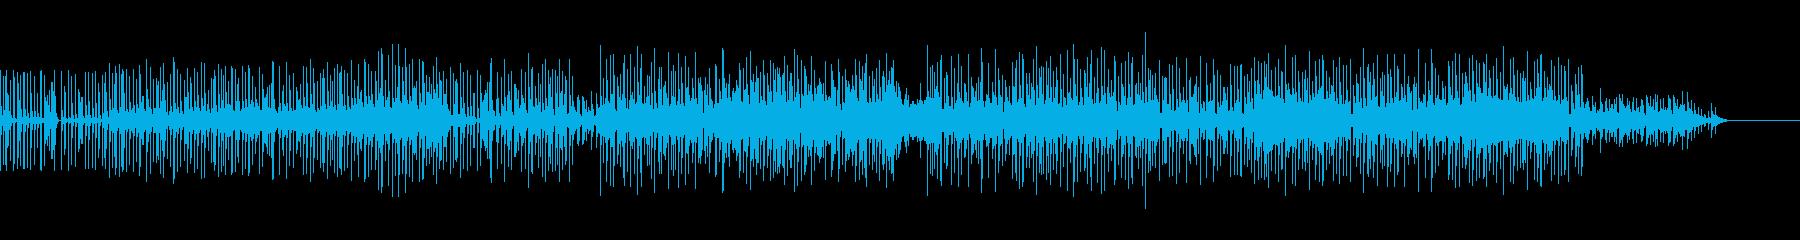 シンセ ゆったり踊れそうな曲の再生済みの波形